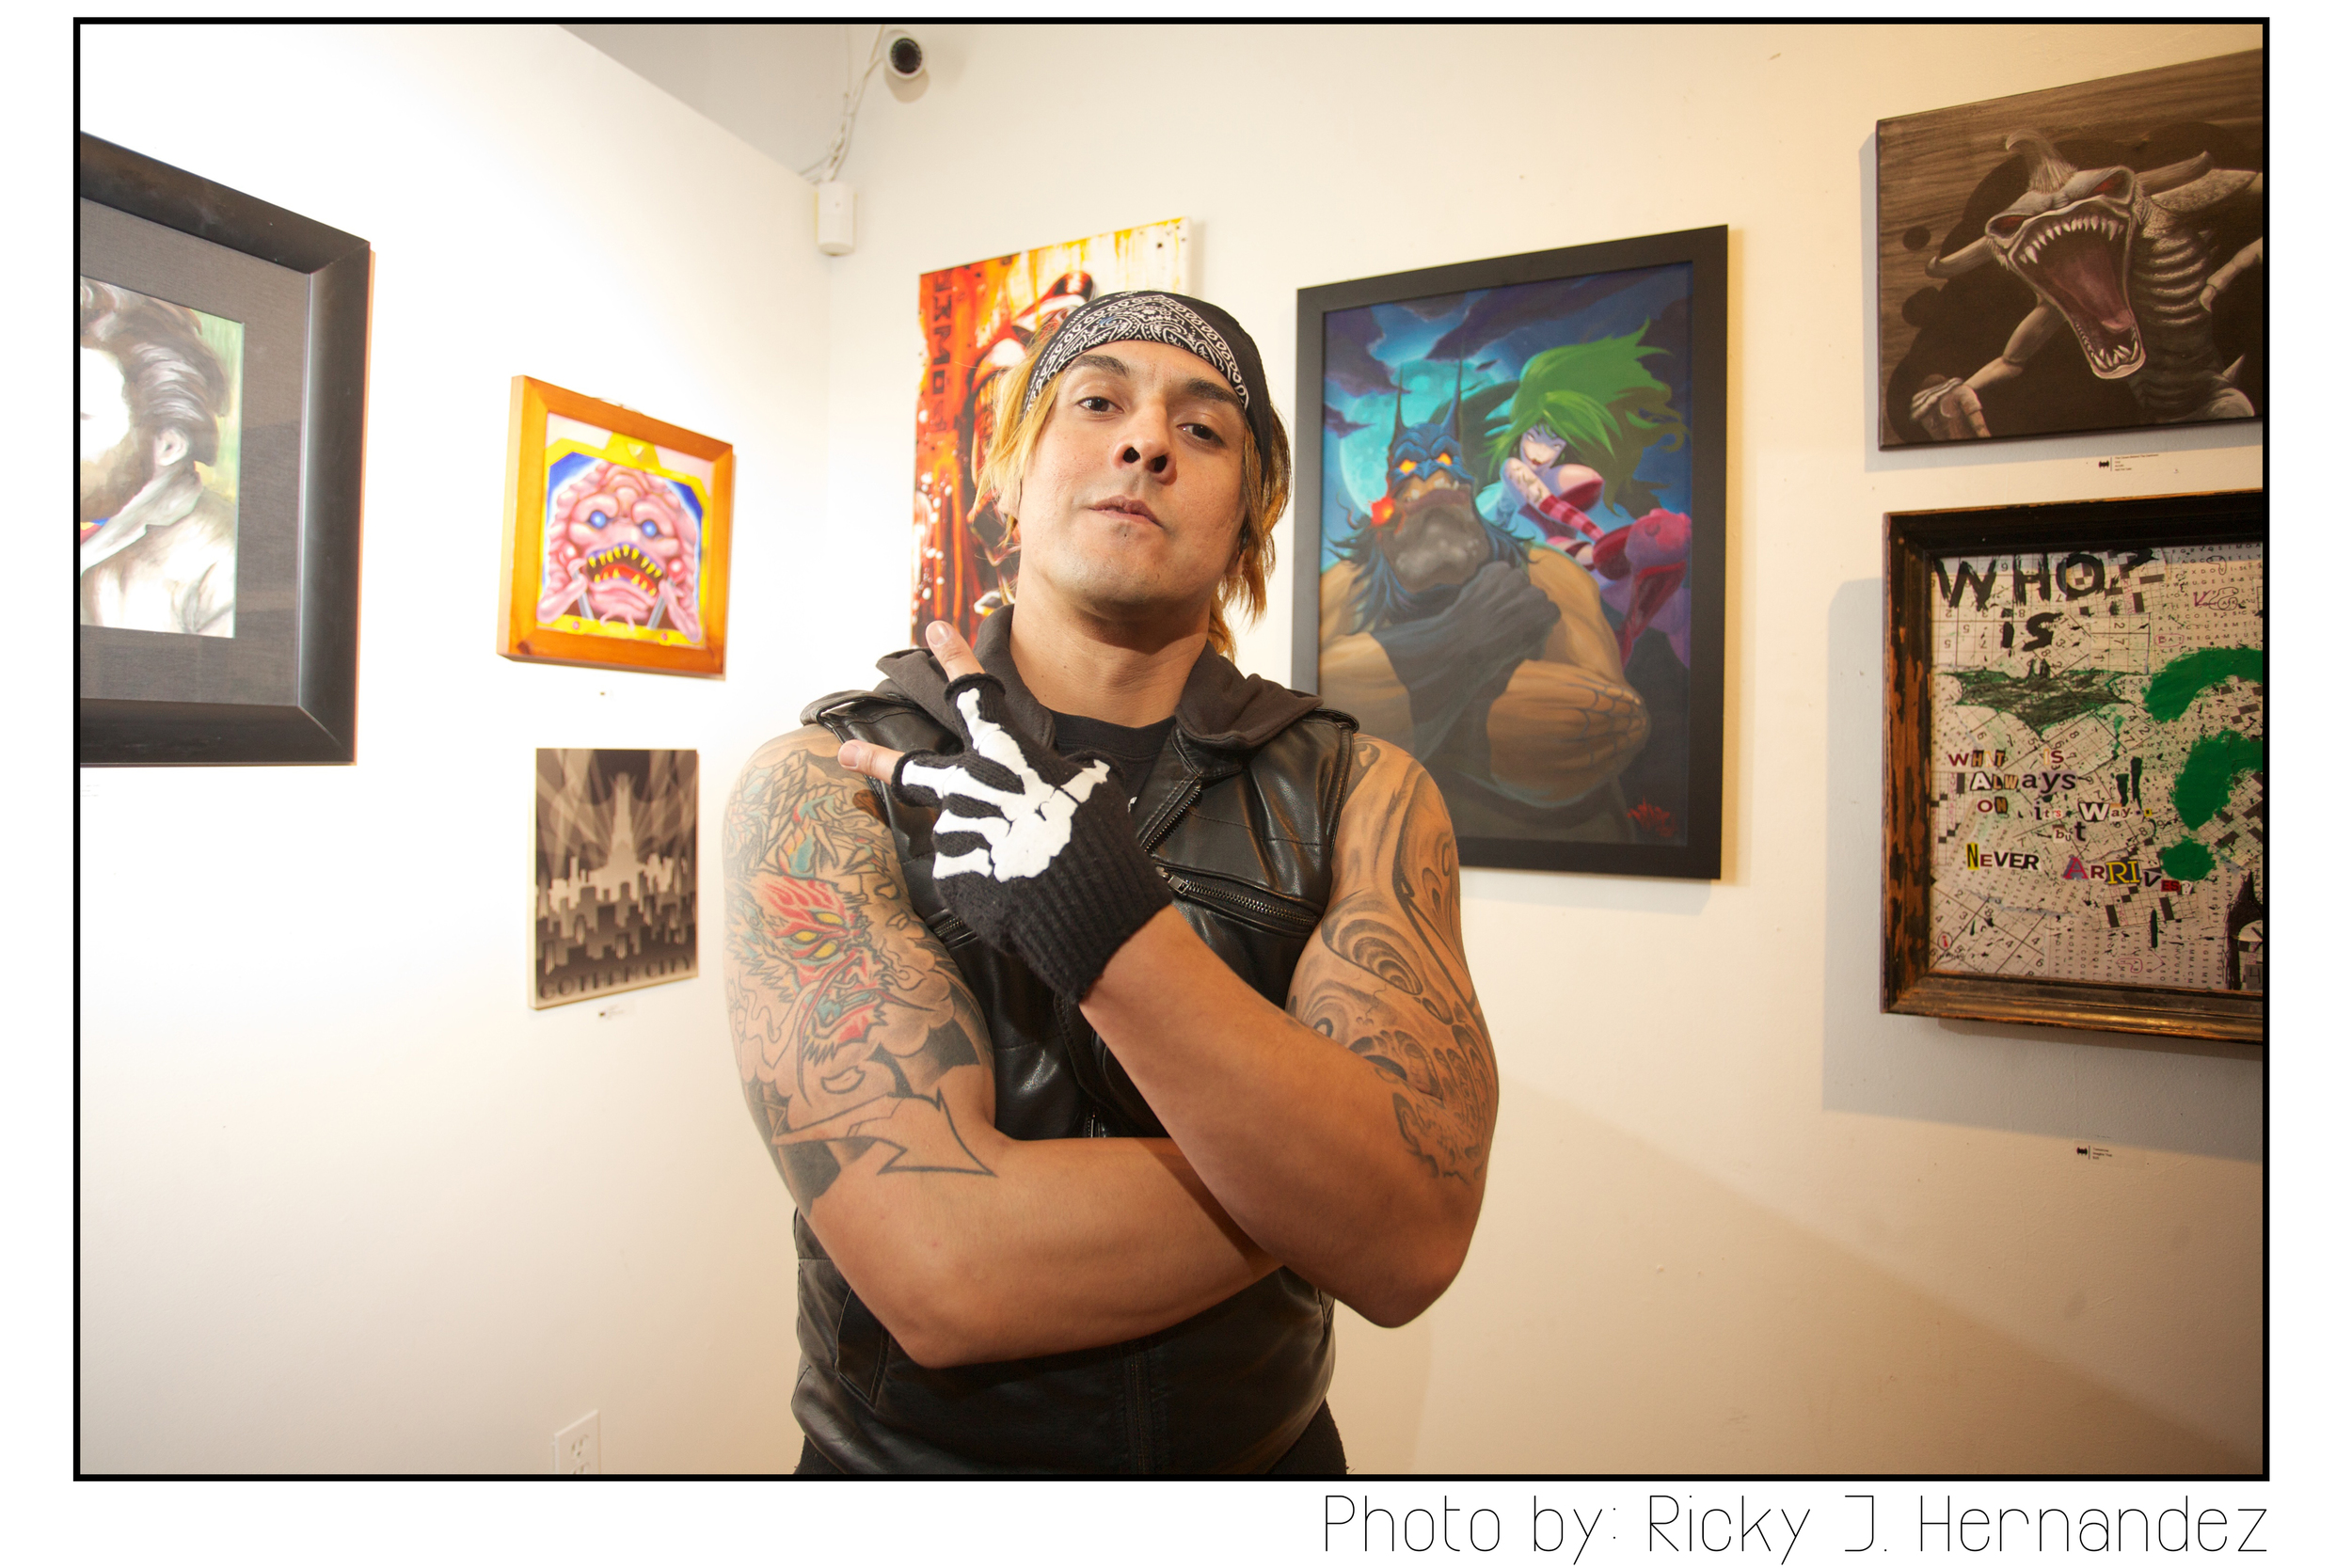 Ricky-J-Hernandez-com-714-200-3032-img-_MG_4728 copy